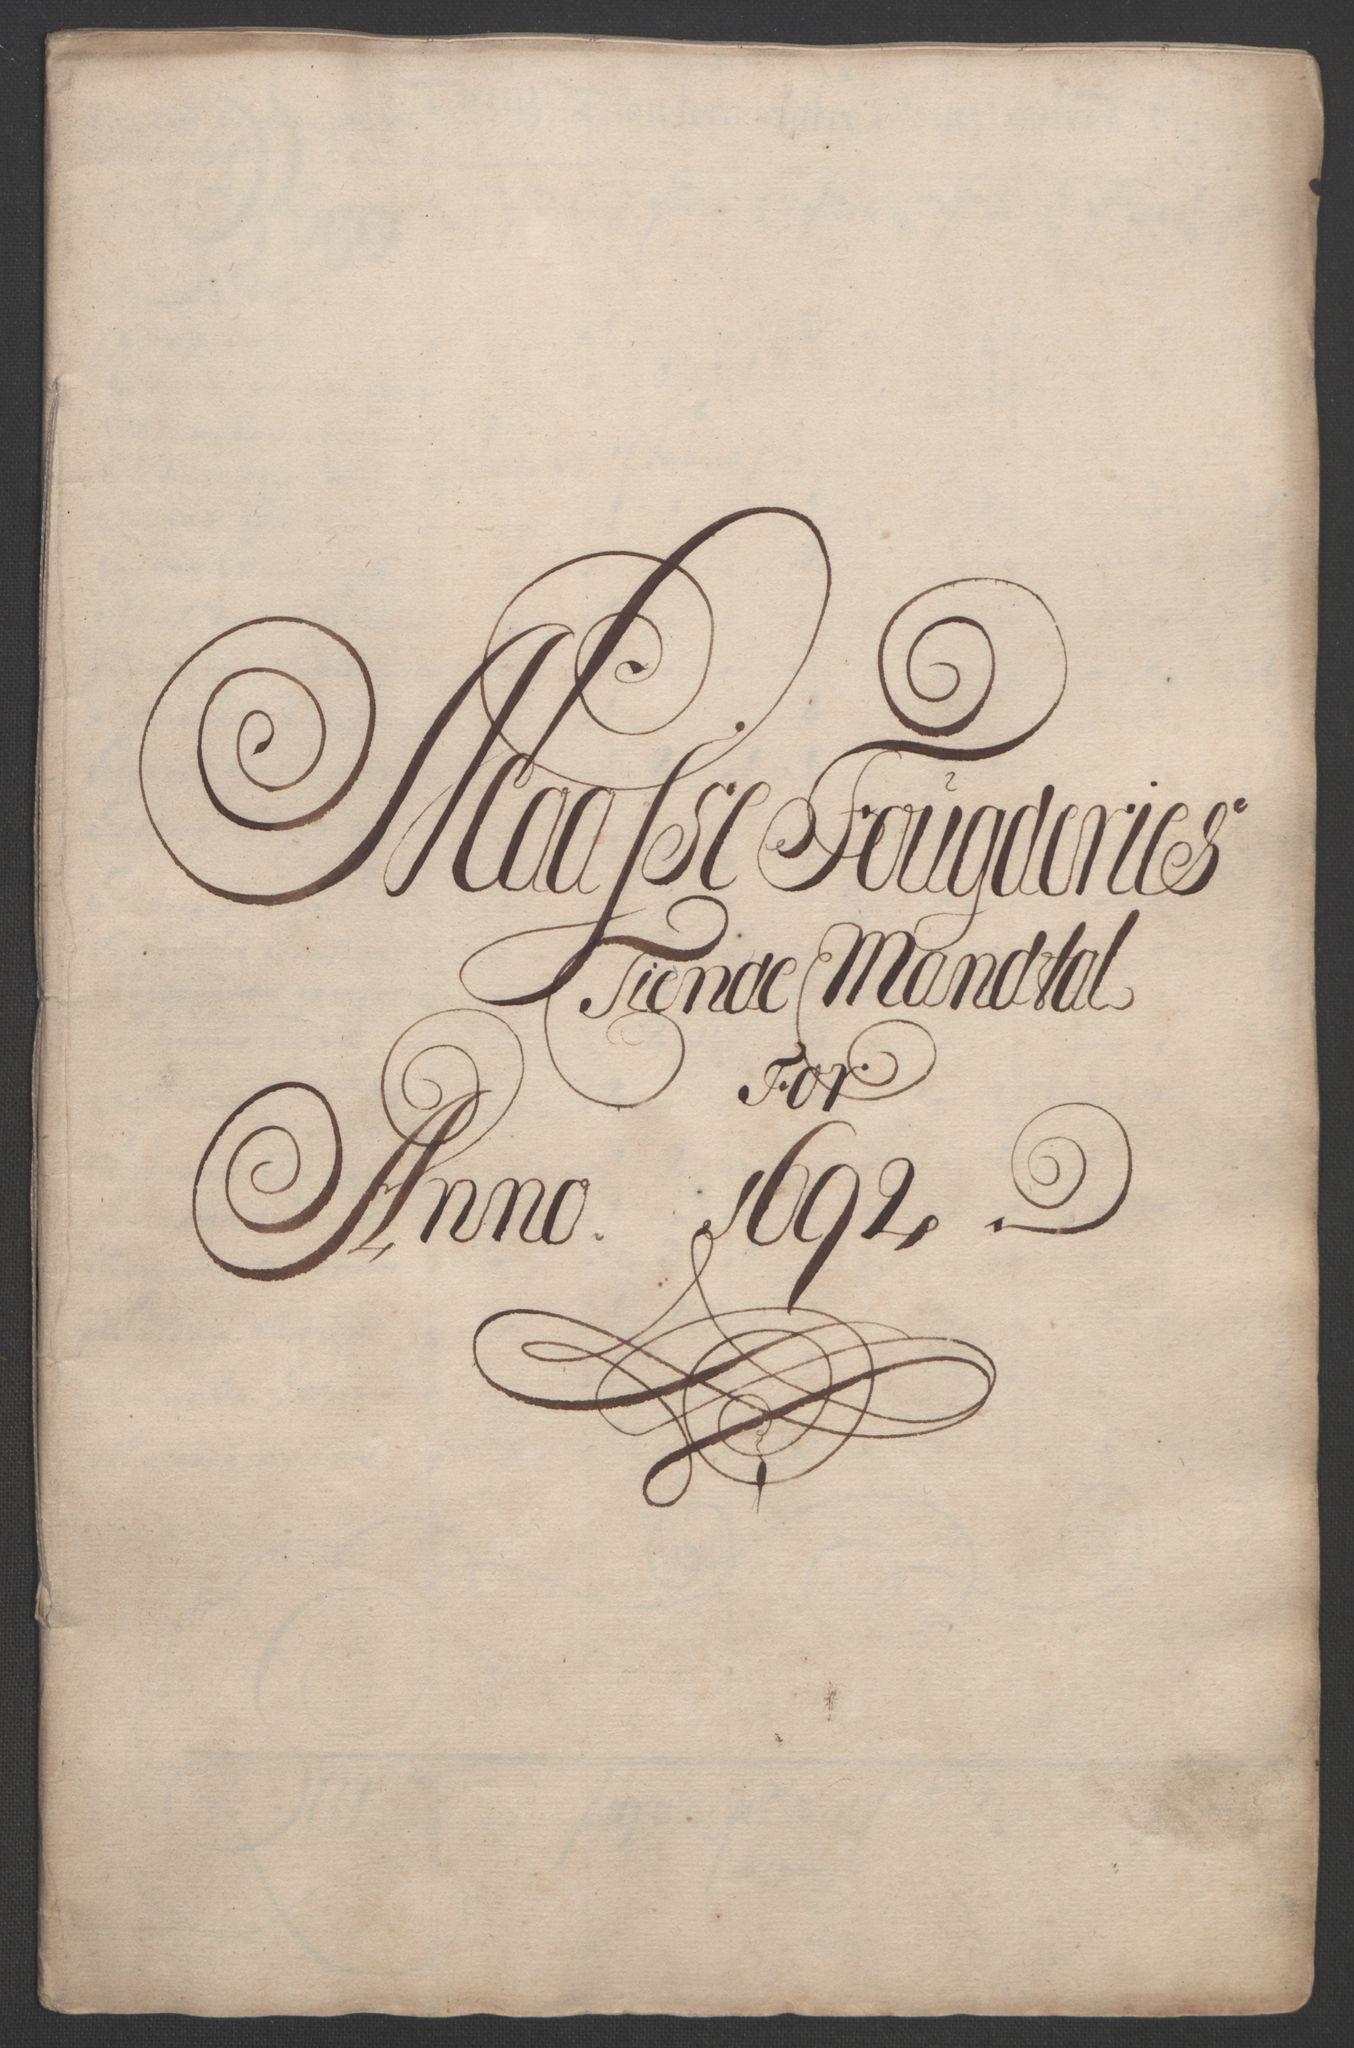 RA, Rentekammeret inntil 1814, Reviderte regnskaper, Fogderegnskap, R02/L0108: Fogderegnskap Moss og Verne kloster, 1692-1693, s. 45